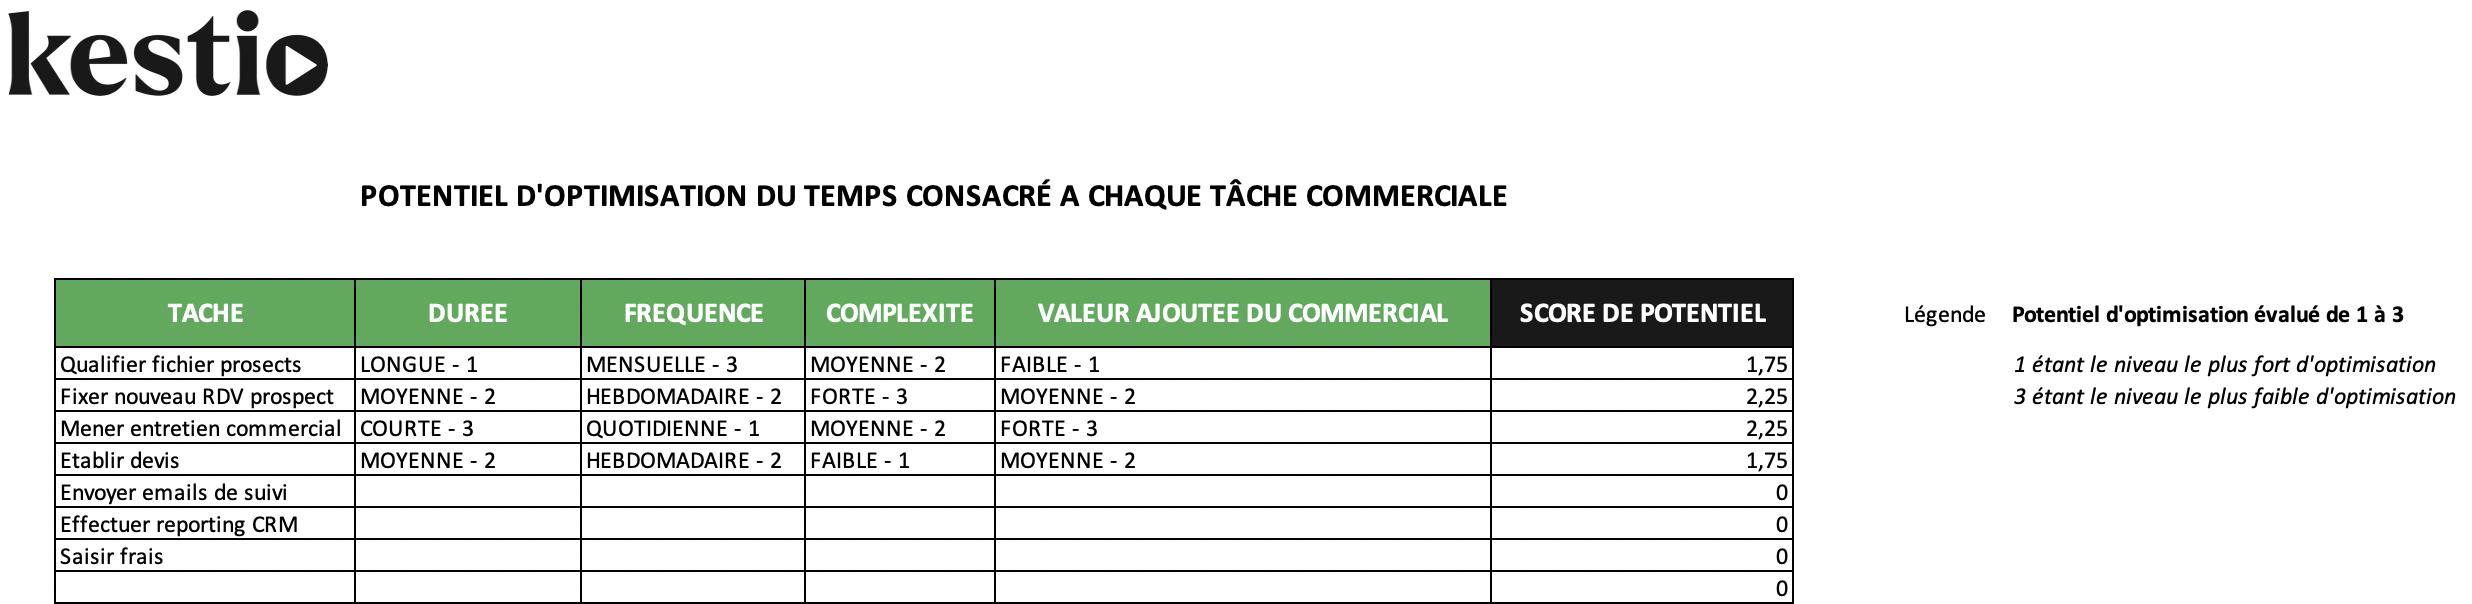 potentiel_optimisation_tache_commerciale